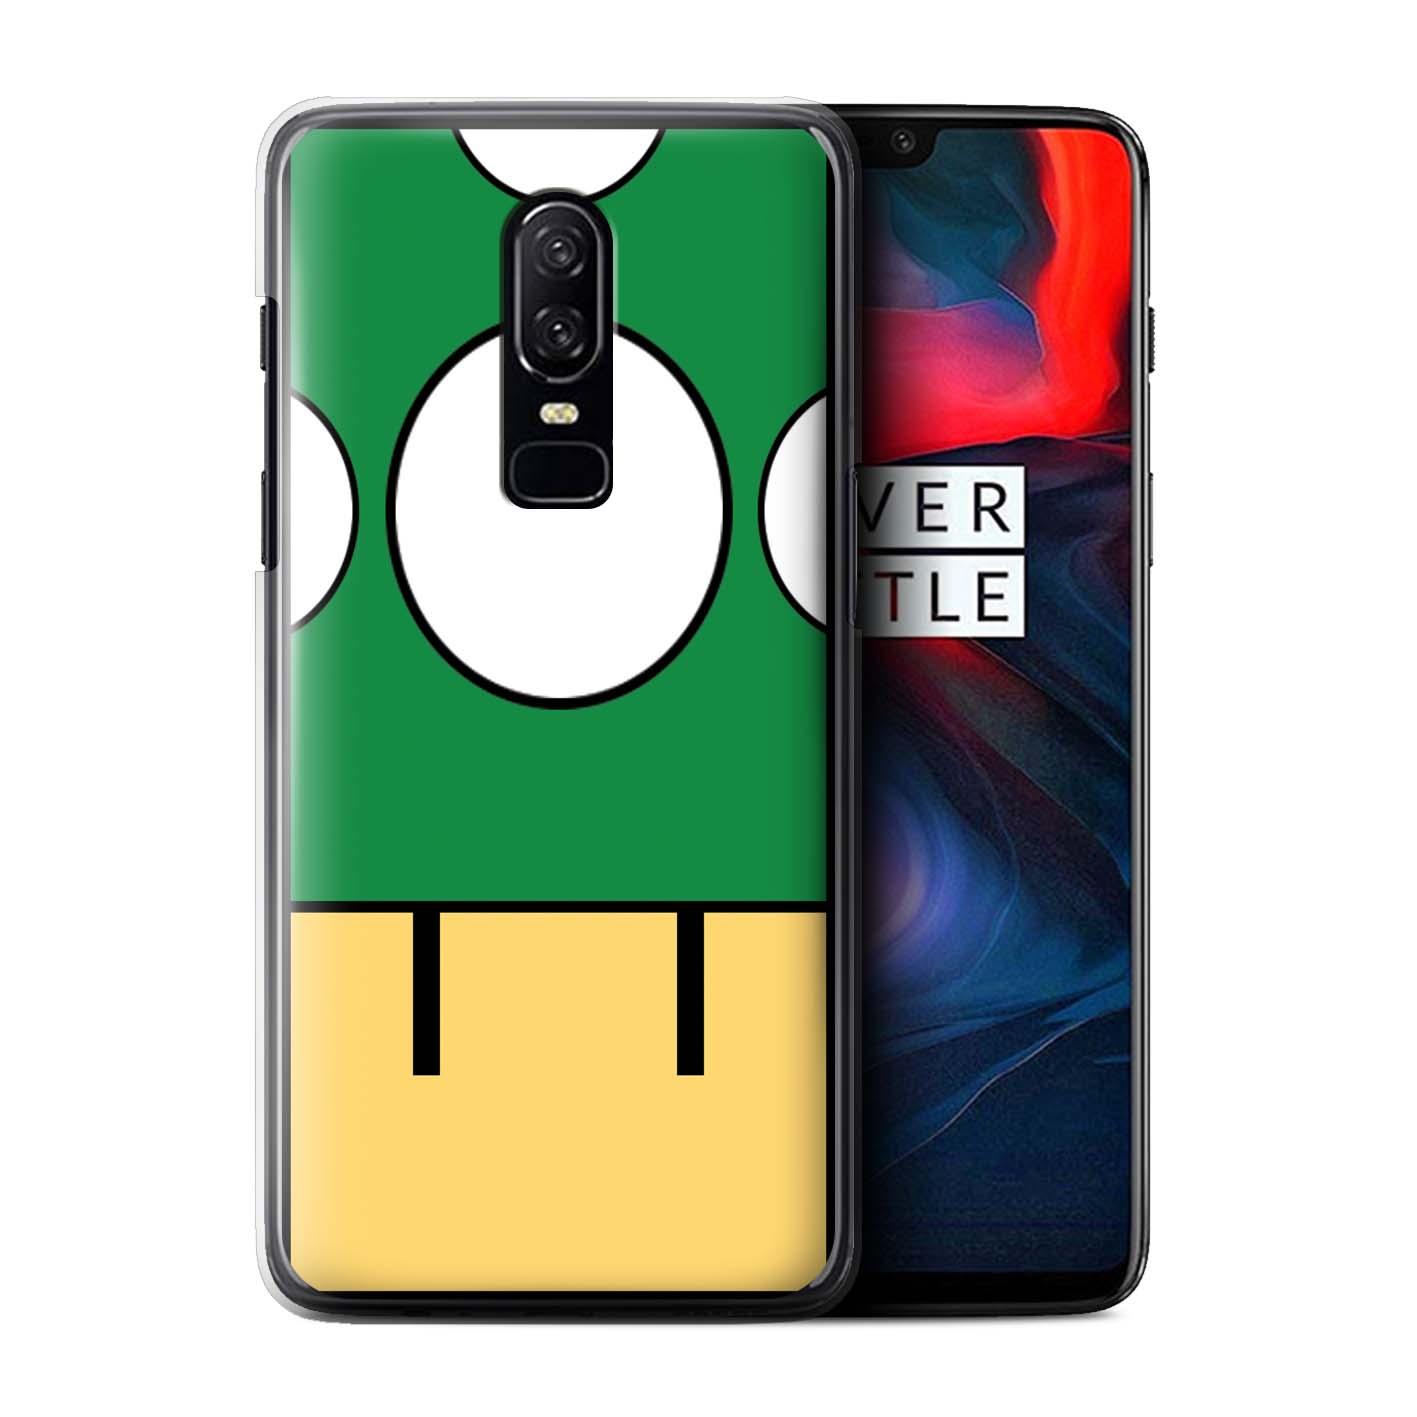 Coque-Etui-Housse-de-Stuff4-pour-OnePlus-6-Personnages-Jeu-Retro